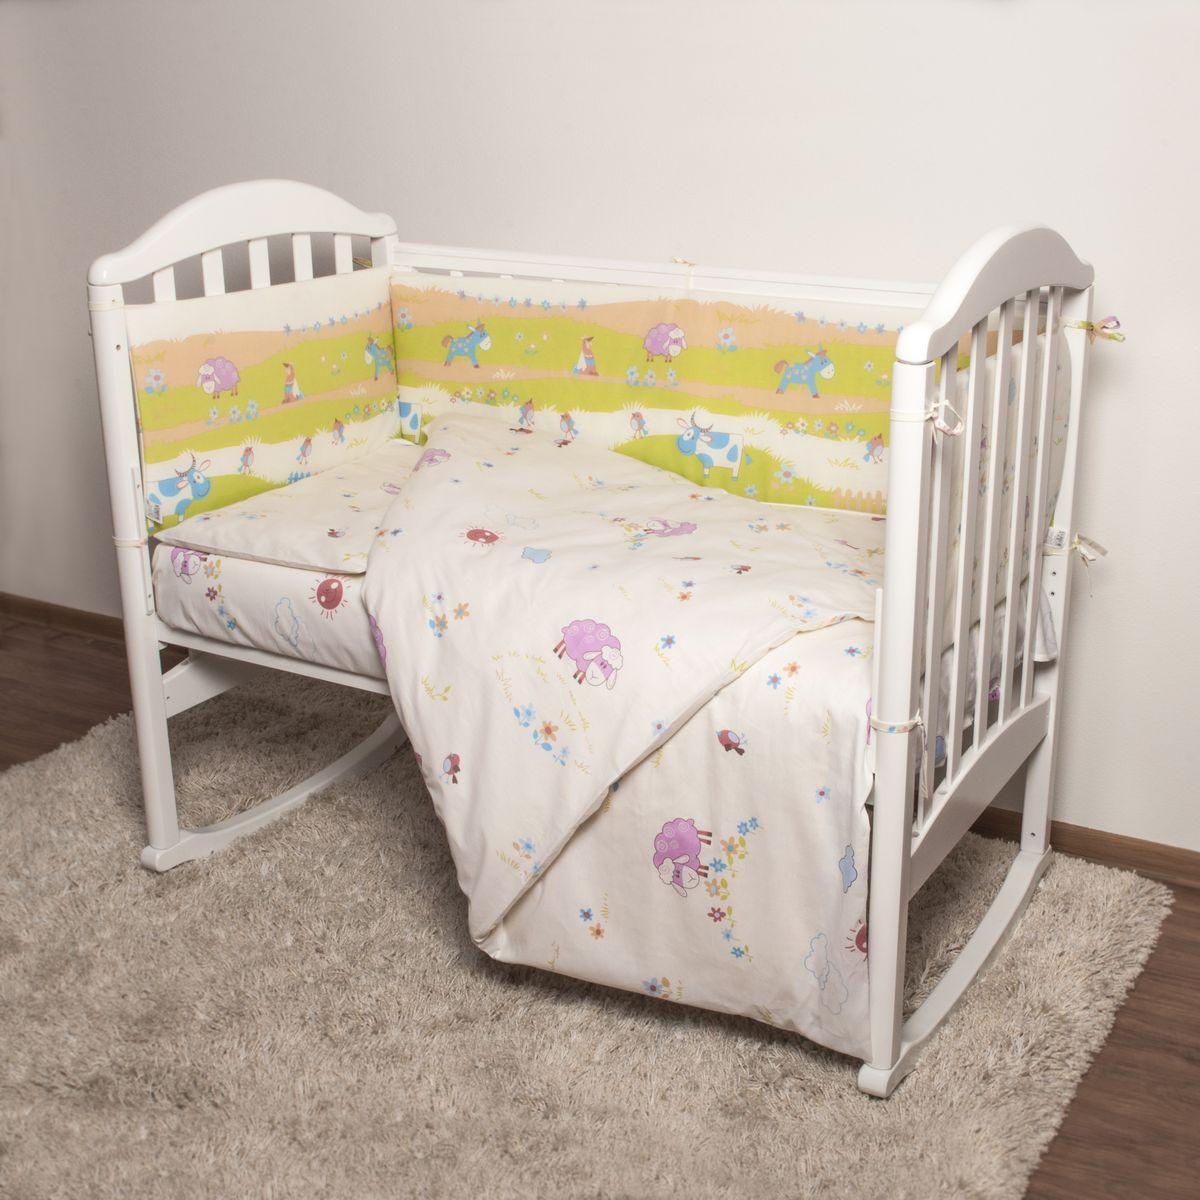 Baby Nice Детский комплект в кроватку Ферма (КПБ, бязь, наволочка 40х60), цвет: желтыйН613-04Комплект в кроватку Baby Nice Ферма для самых маленьких изготовлен только из самой качественной ткани, самой безопасной и гигиеничной, самой экологичной и гипоаллергенной. Отлично подходит для кроваток малышей, которые часто двигаются во сне. Хлопковое волокно прекрасно переносит стирку, быстро сохнет и не требует особого ухода, не линяет и не вытягивается. Ткань прошла специальную обработку по умягчению, что сделало ее невероятно мягкой и приятной к телу. Комплект создаст дополнительный комфорт и уют ребенку. Родителям не составит особого труда ухаживать за комплектом. Он превосходно стирается, легко гладится. Ваш малыш будет в восторге от такого необыкновенного постельного набора! В комплект входит: одеяло, пододеяльник, подушка, наволочка, простыня, борт.